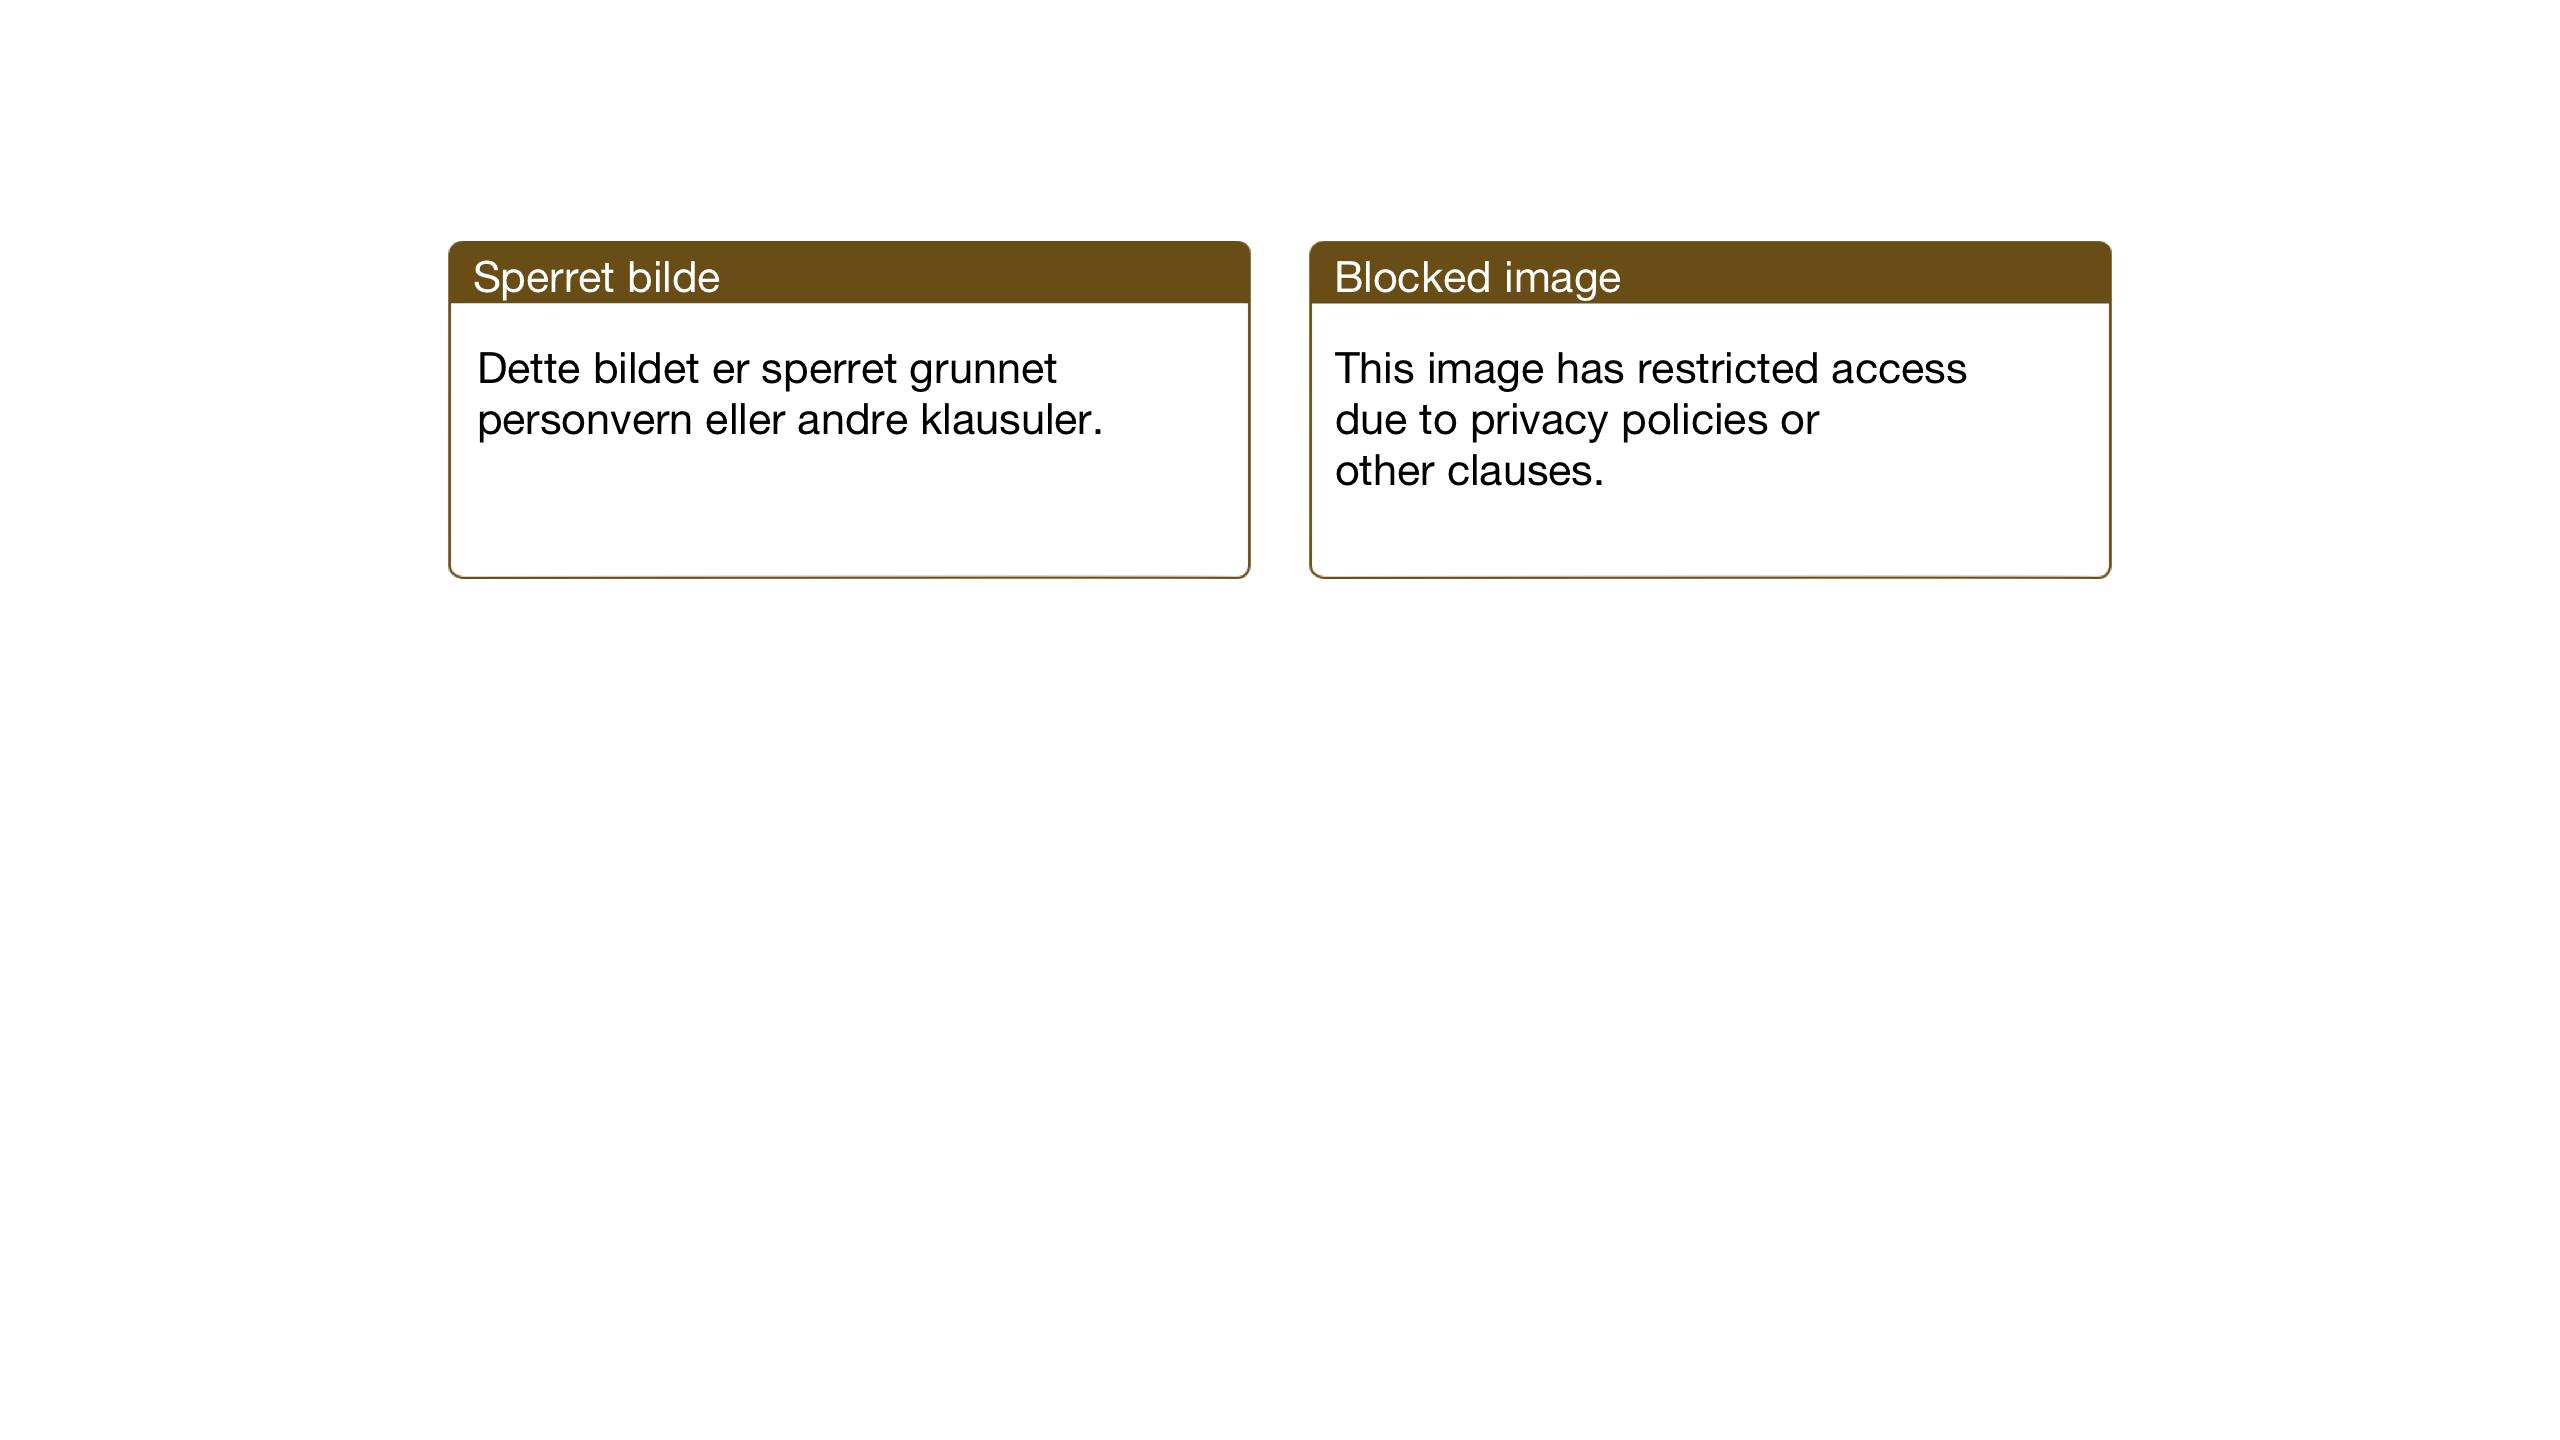 SAT, Ministerialprotokoller, klokkerbøker og fødselsregistre - Sør-Trøndelag, 670/L0837: Klokkerbok nr. 670C01, 1905-1946, s. 148-149